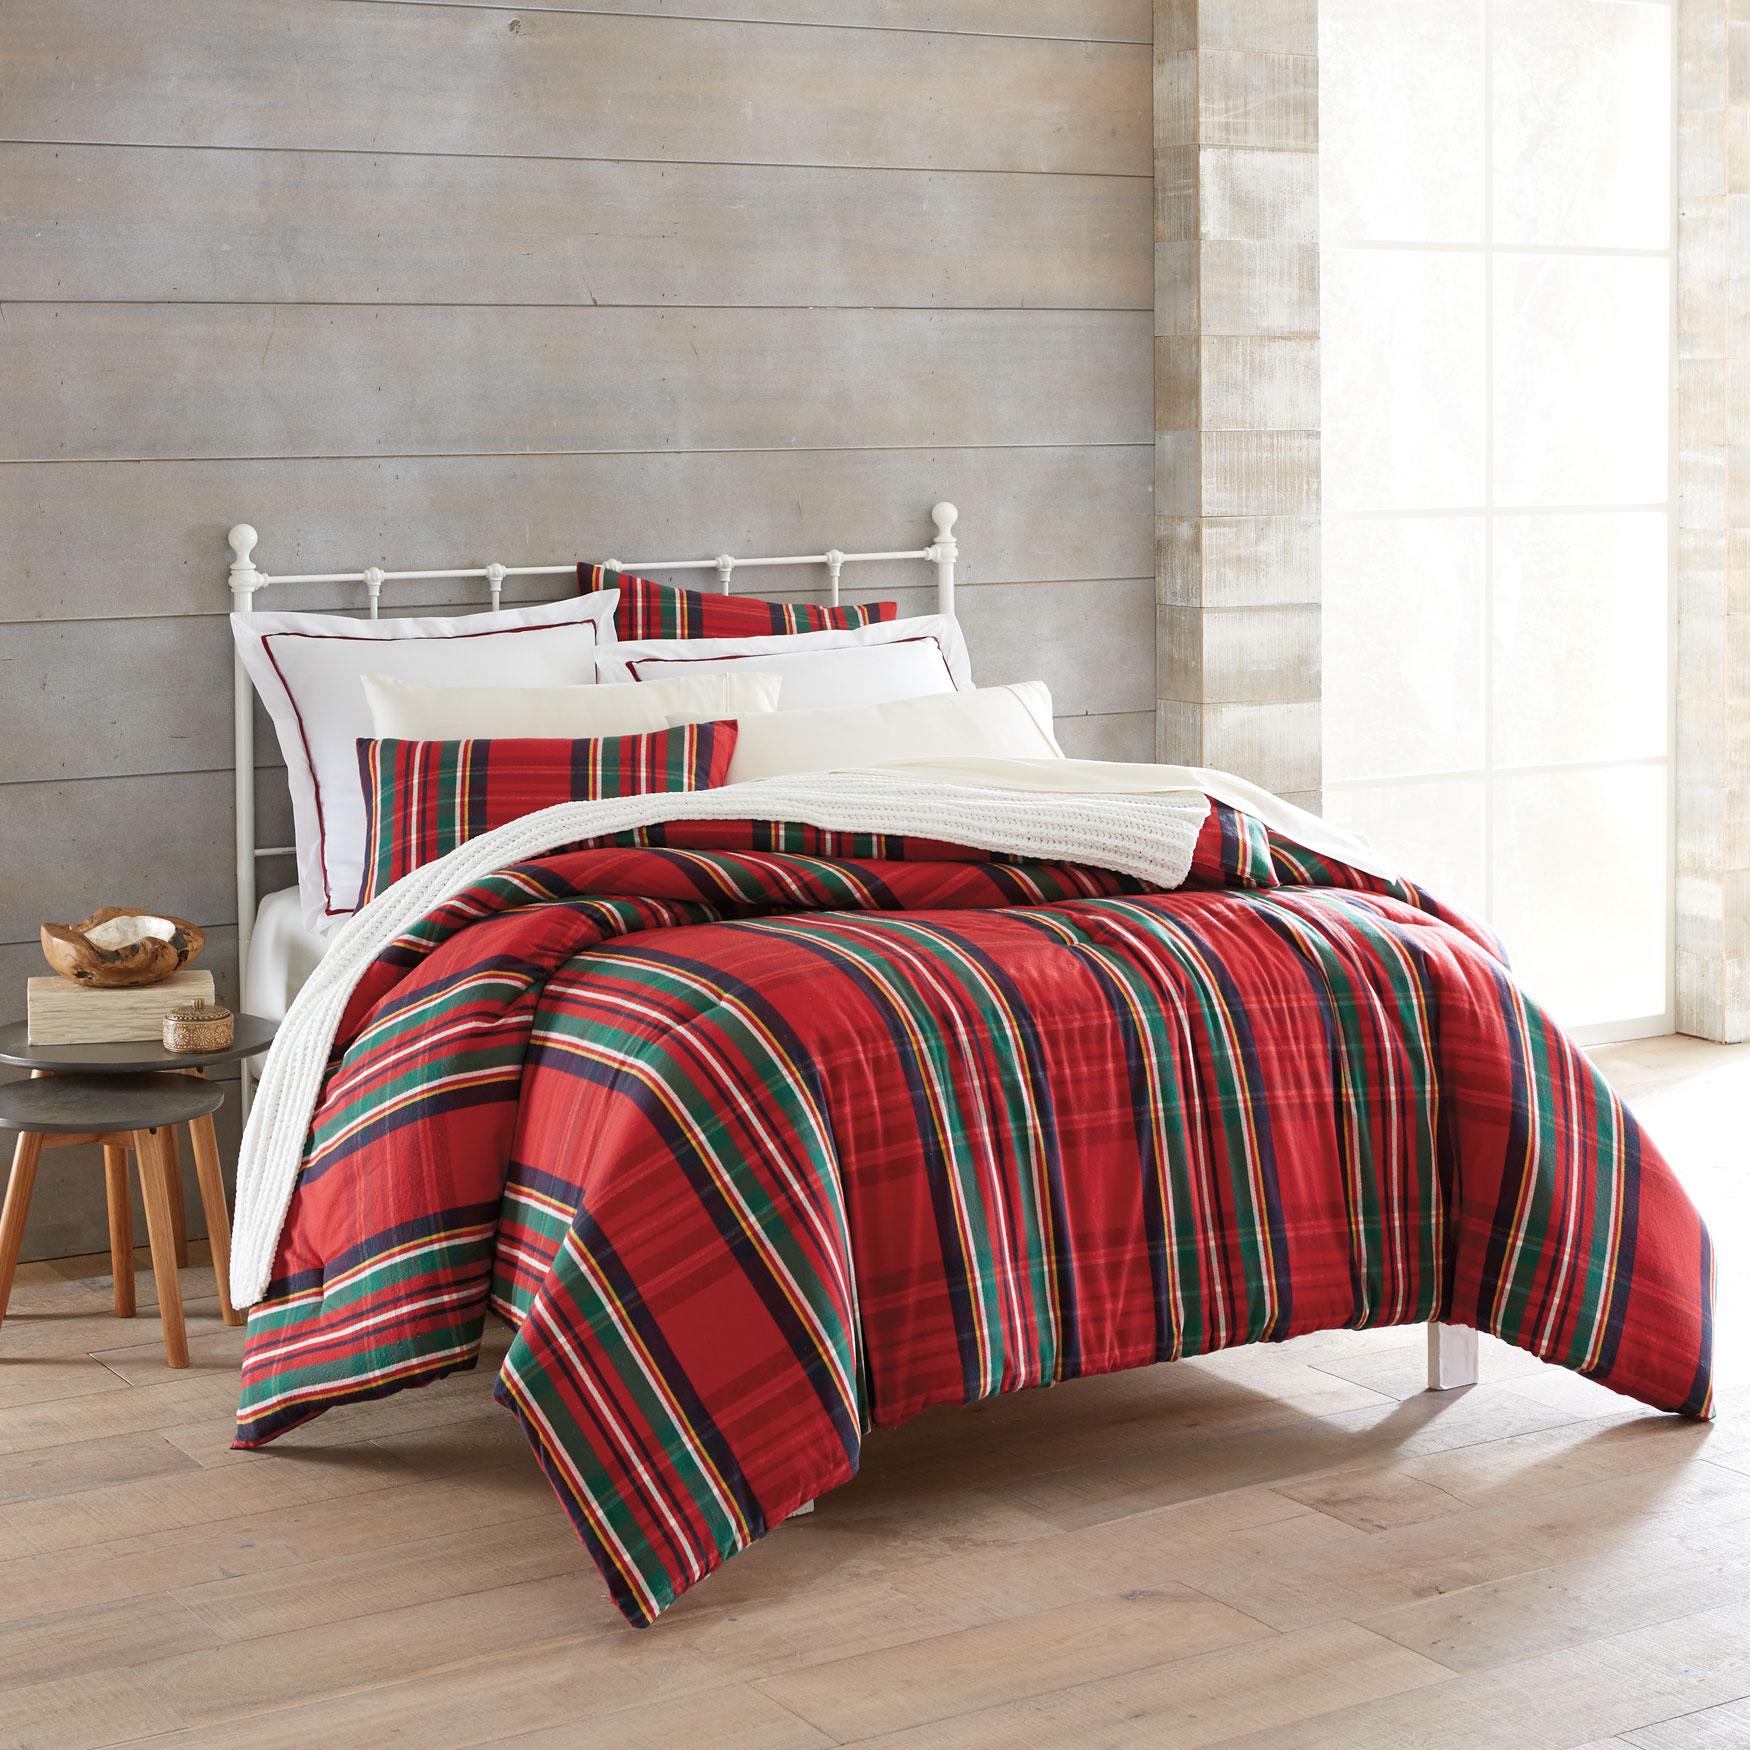 Nicholas Flannel Plaid Comforter Plus Size Comforters